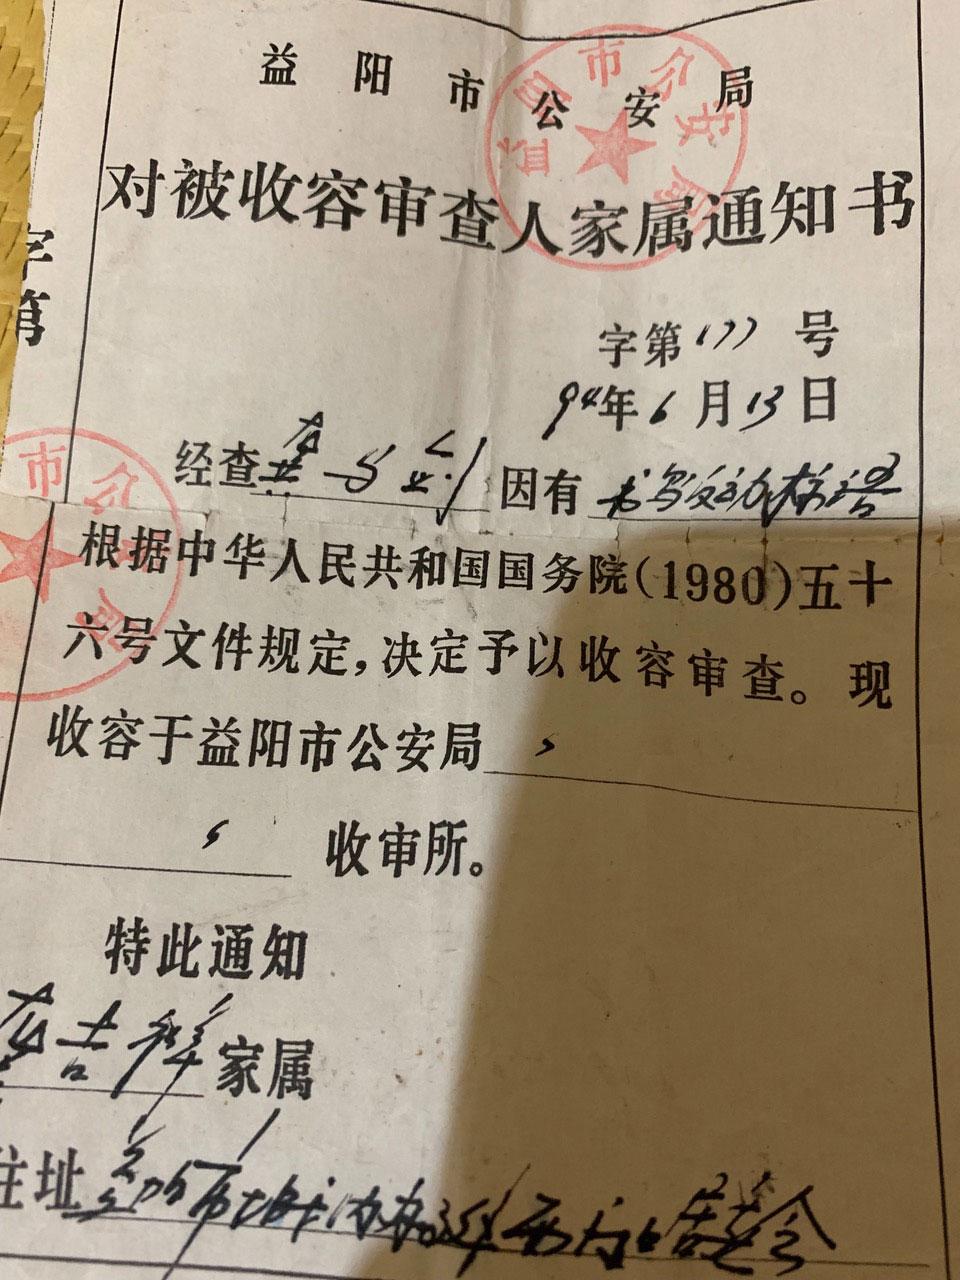 """龚与剑1994年因主张""""平反六四""""张贴大字报,被中国政府以反革命罪,送劳教两年。(龚与剑提供)"""